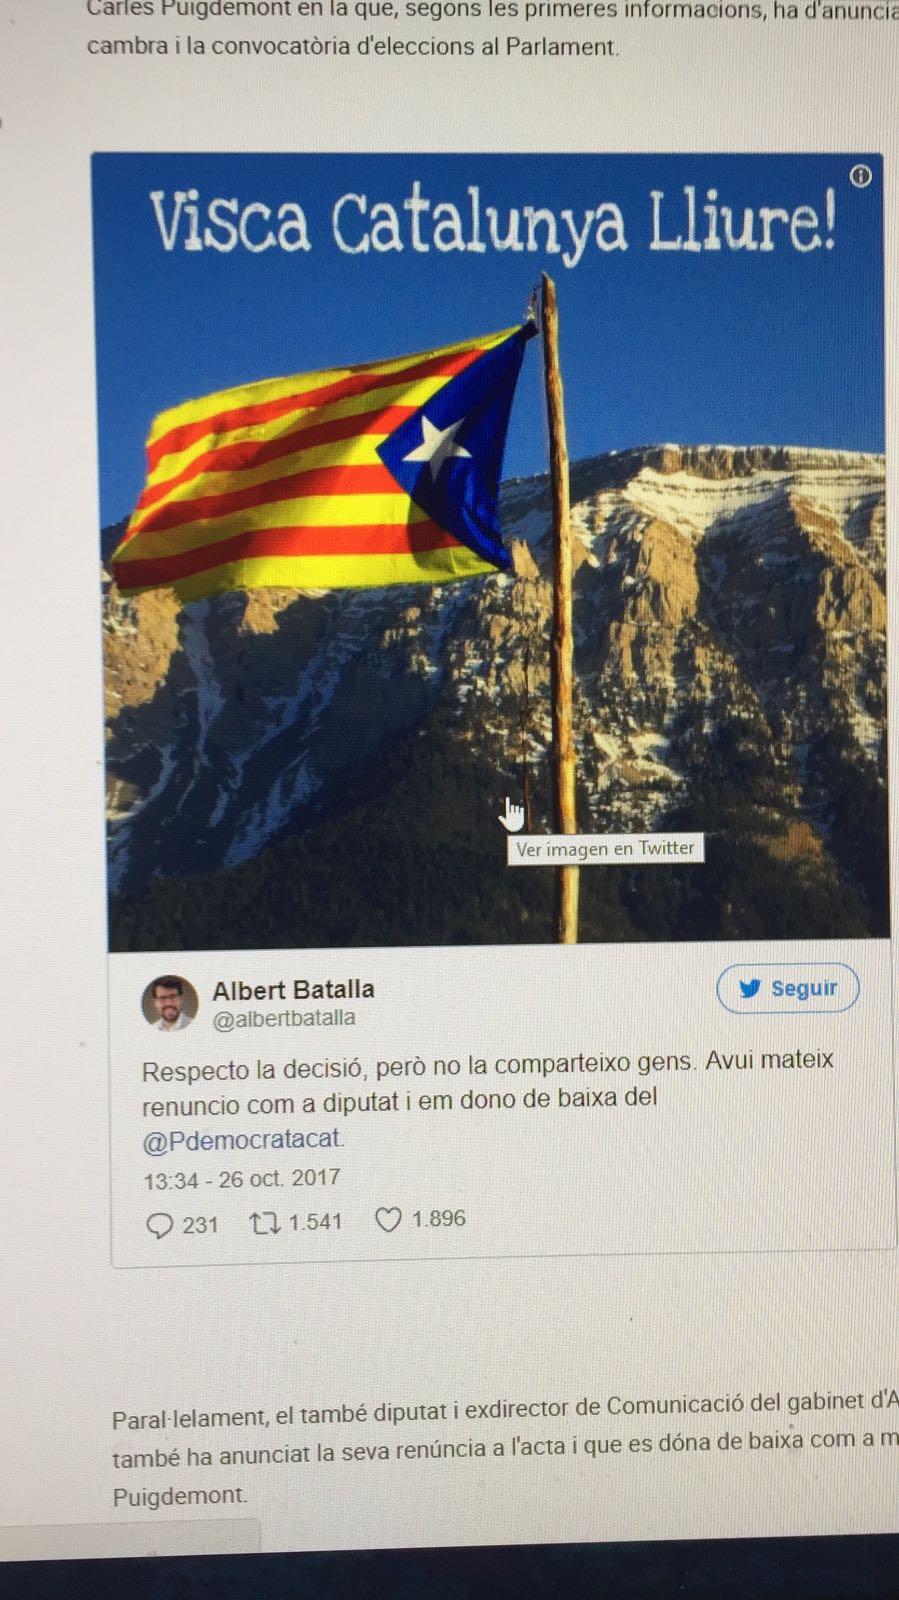 Baixa i renúncia com a diputat d'Albert Batalla